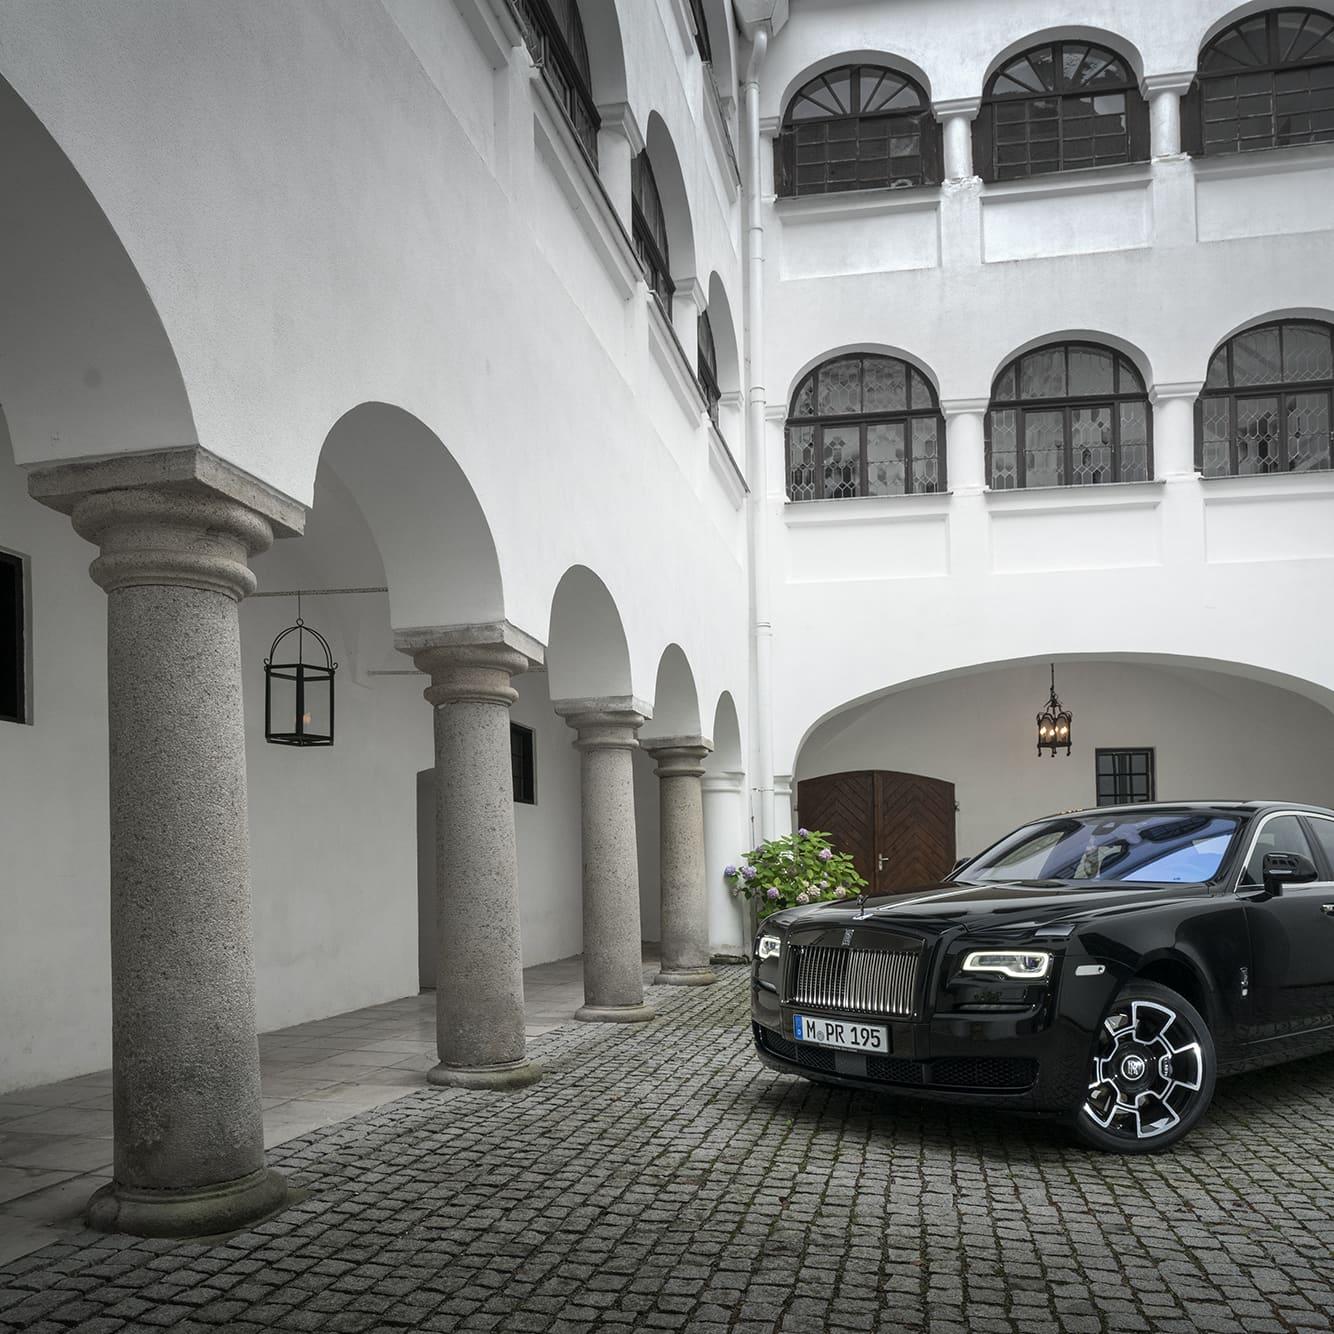 Om inte en Rolls Royce är tillräckligt speciell för dig kan du alltid välja en med tillägget Black Badge. Då får du något som sticker ut från mängden. Utöver att kylare och alla emblem är svarta istället för krom får man även kolfiberfälgarna som kostar mer än de flesta vanliga bilar kostar.